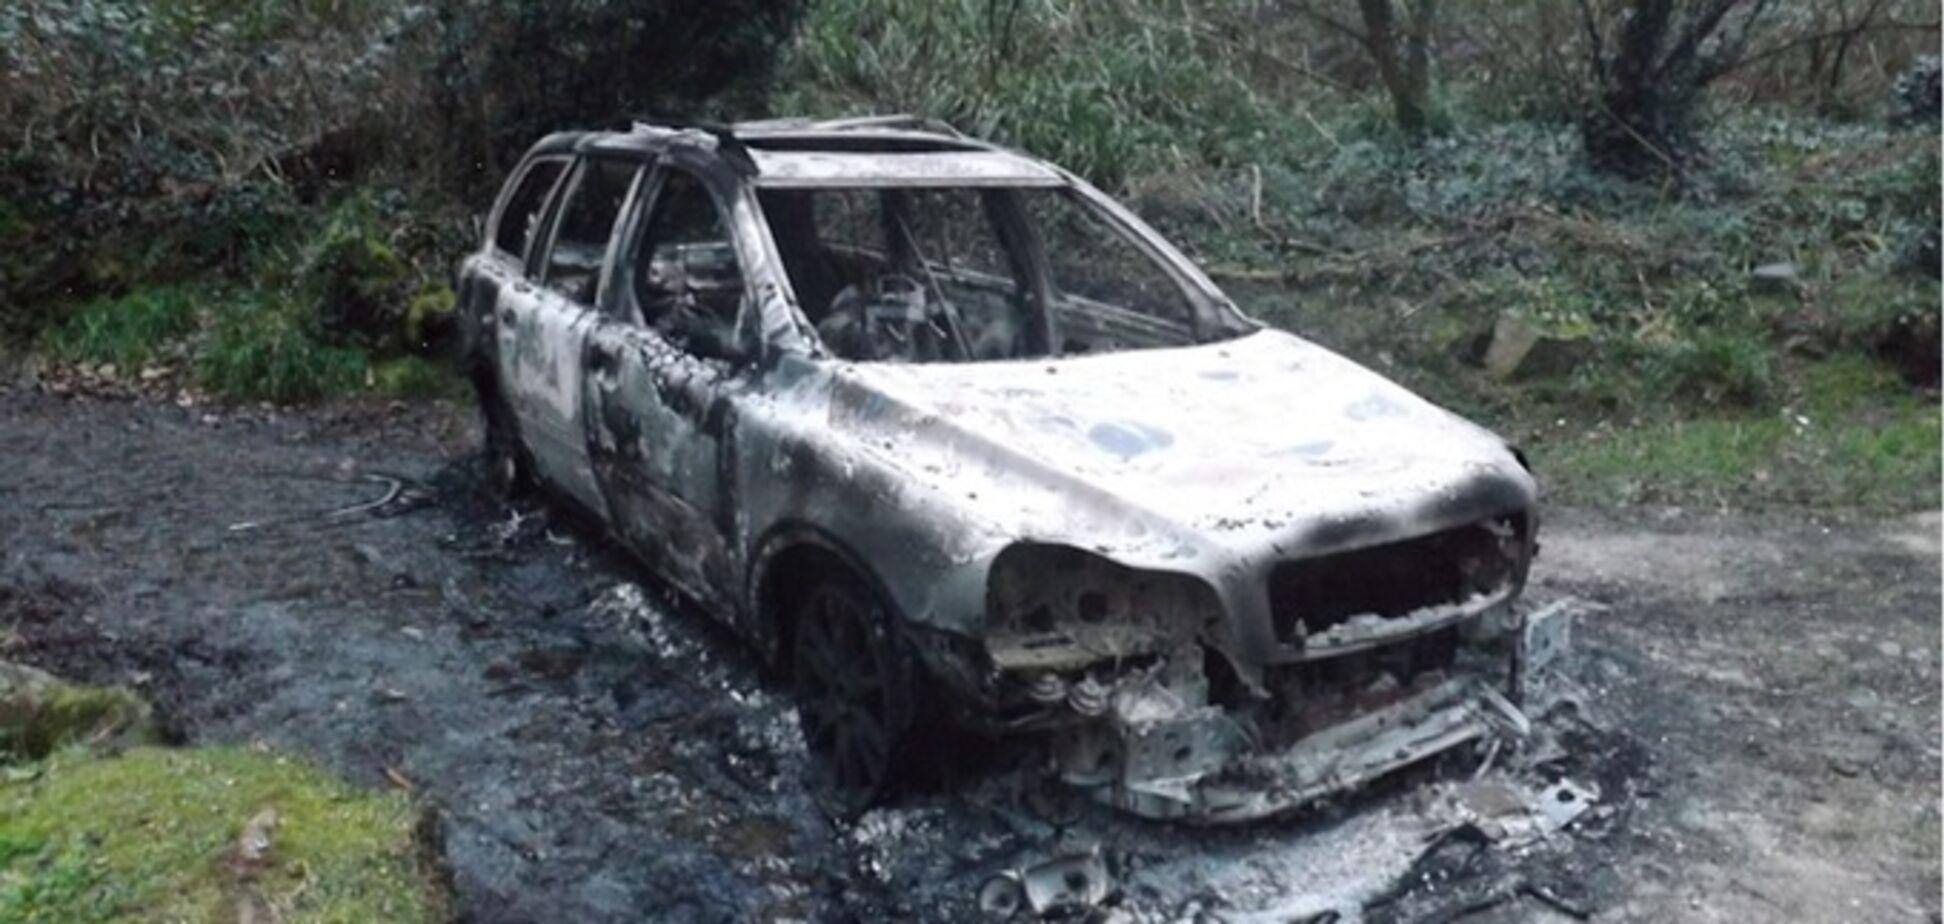 Пытали и сожгли: опубликованы жуткие фото с места расправы над украинским бойцом в Европе